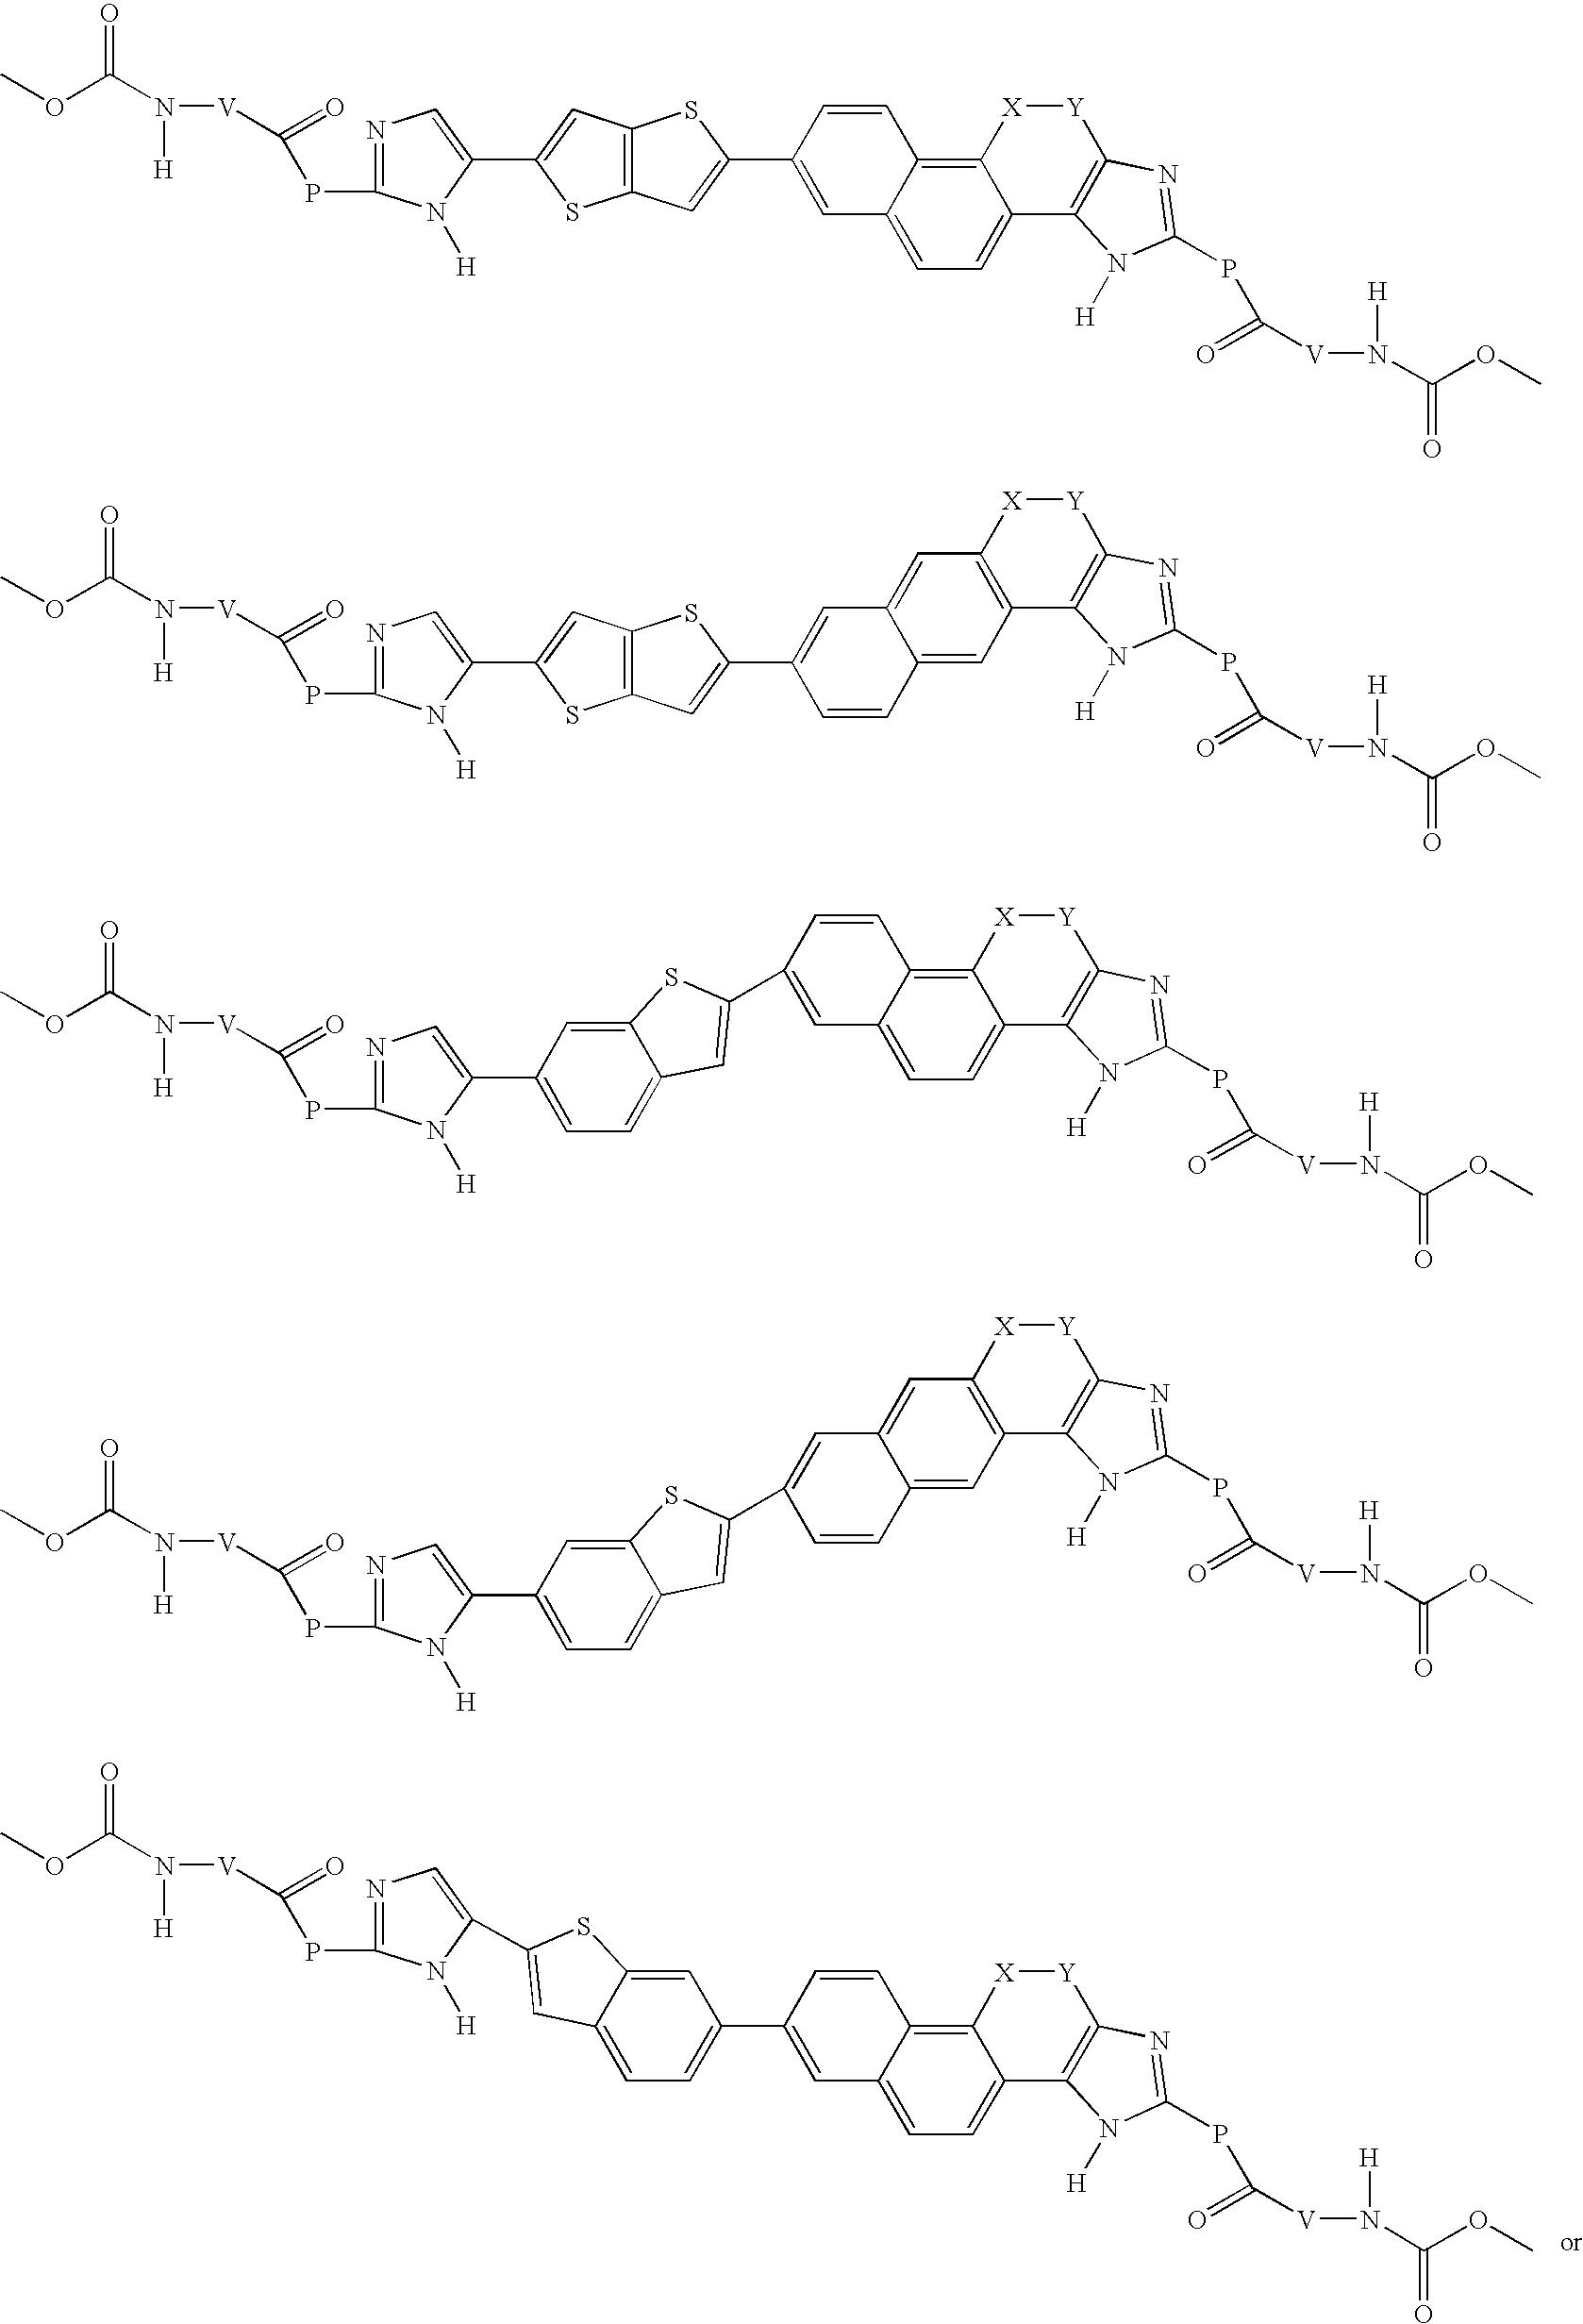 Figure US08088368-20120103-C00369